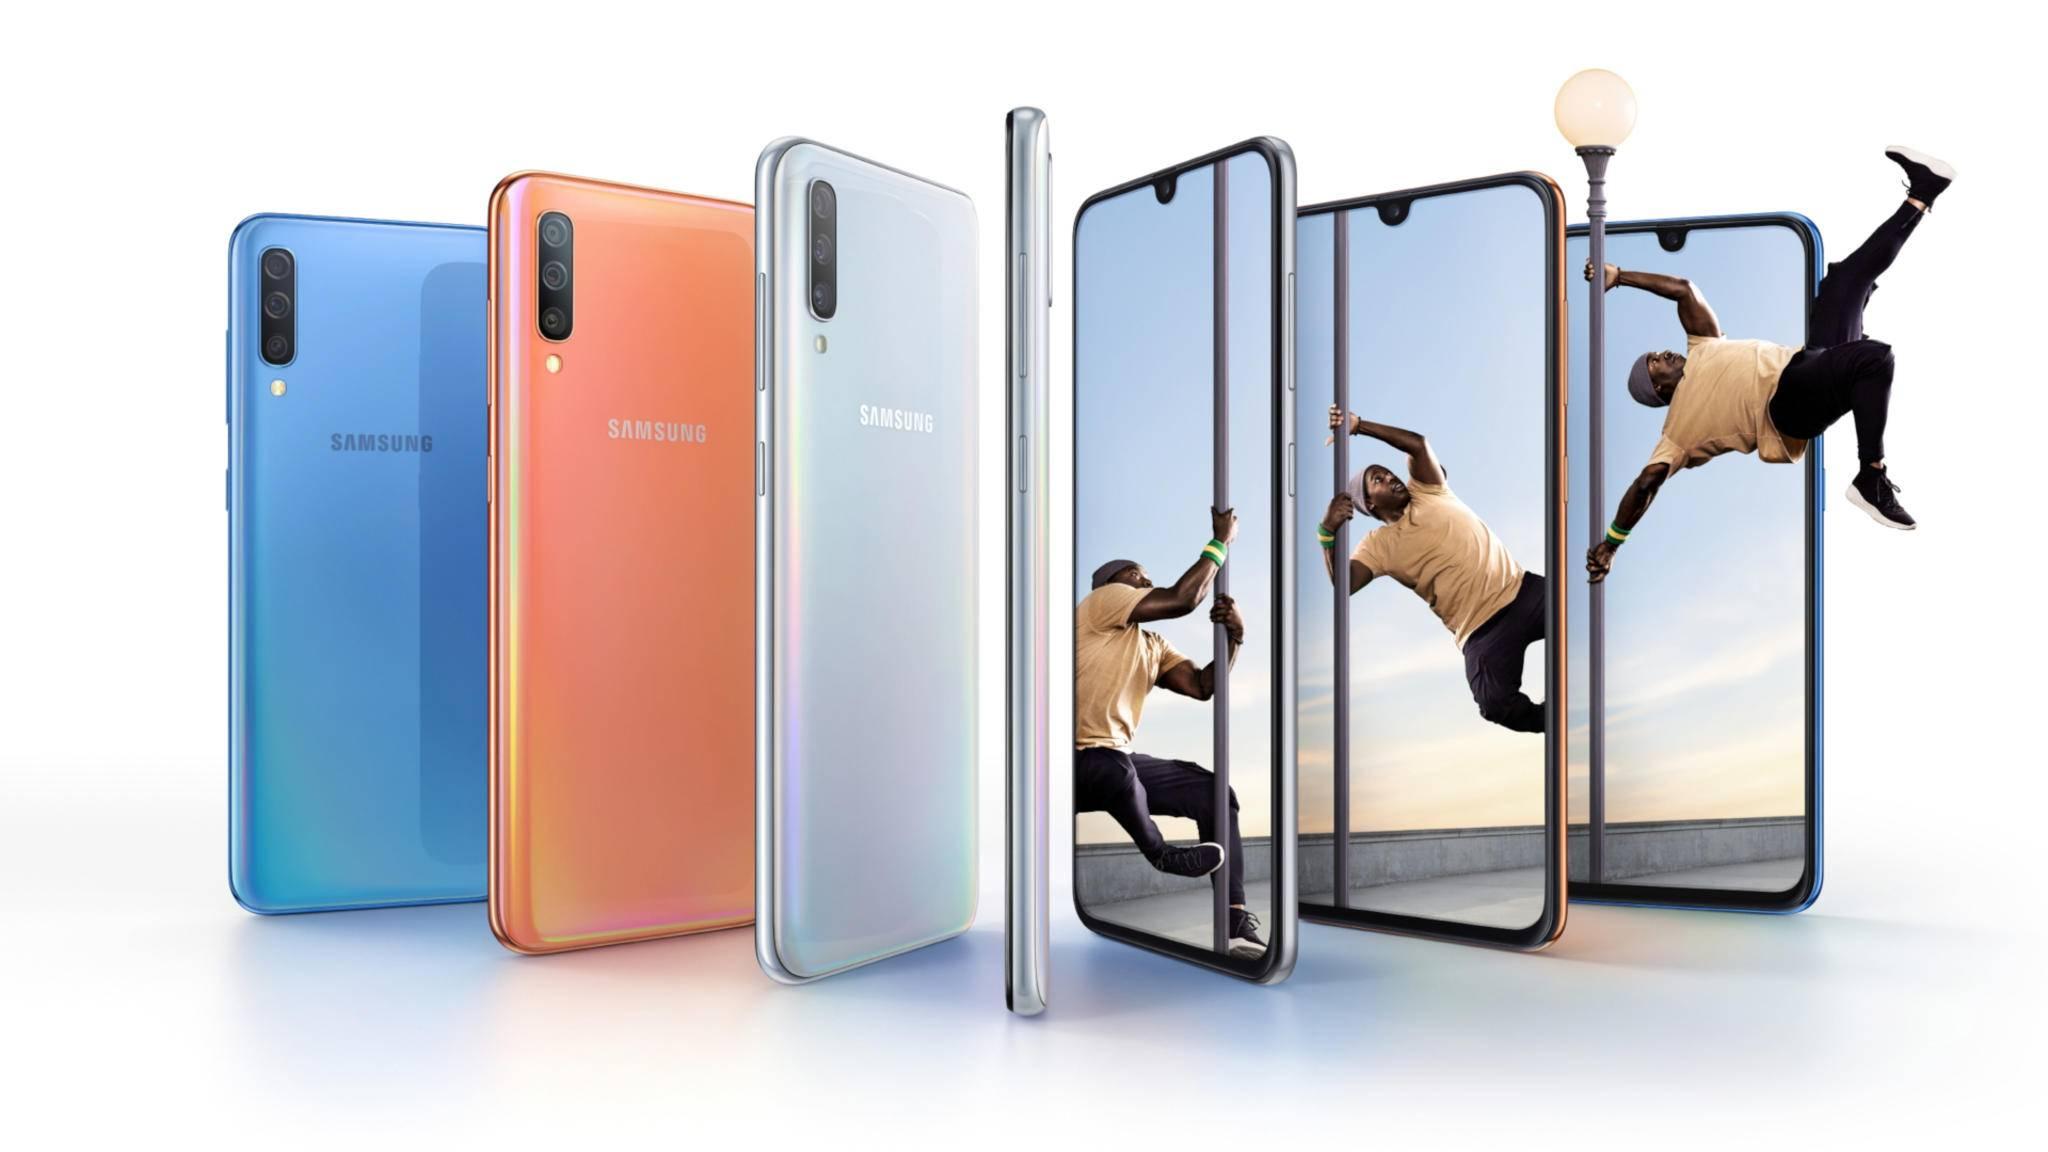 Das Samsung Galaxy A70 hat die bisher beste Selfie-Kamera der gesamten Galaxy-Reihe.